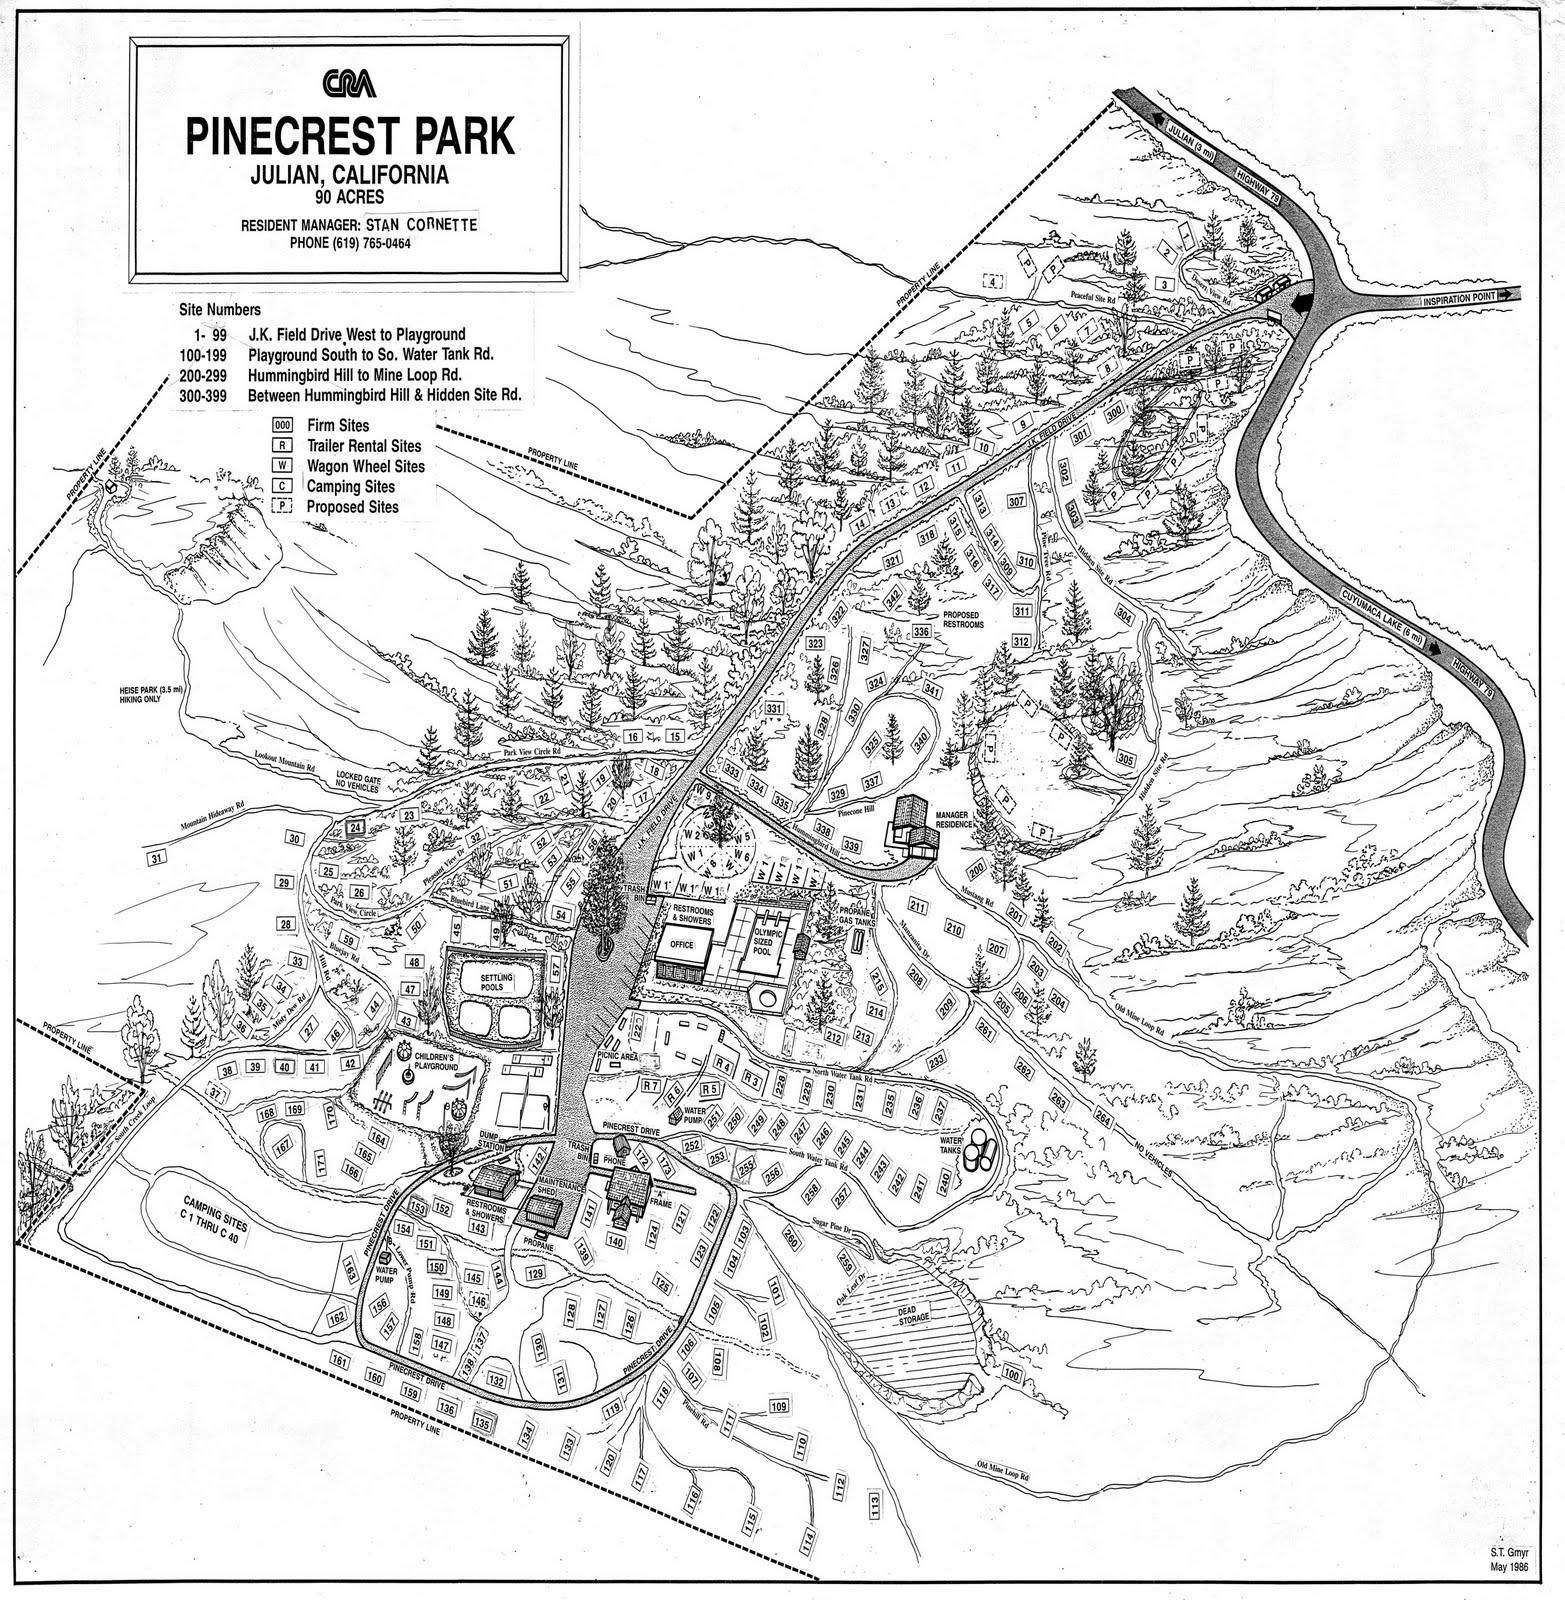 Pinecrest Retreat: Pinecrest: A Nature Preserve